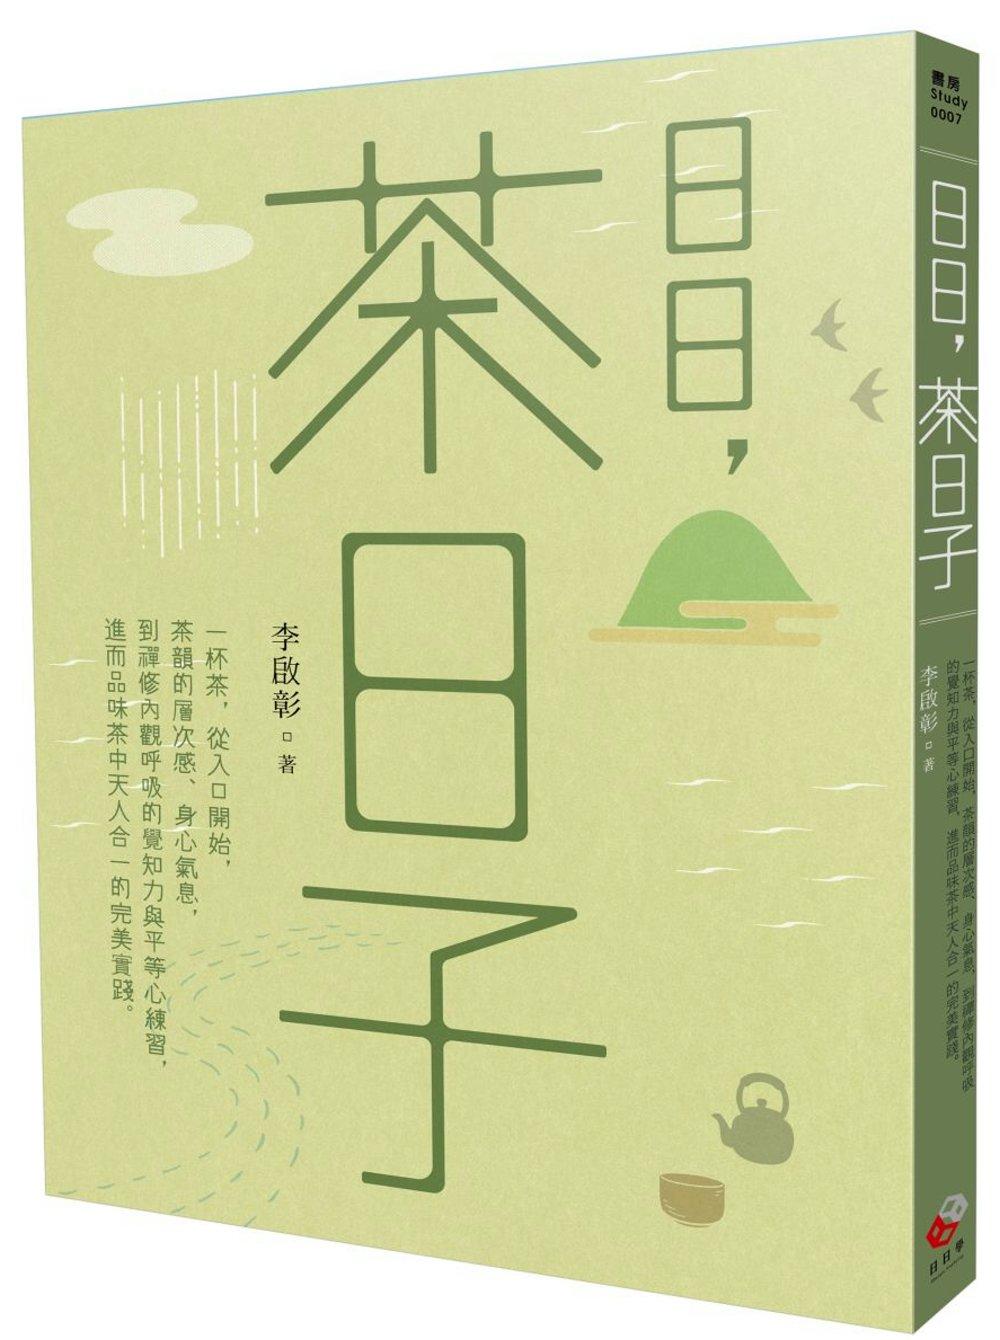 日日,茶日子:一杯茶,從入口開始,茶韻的層次感、身心氣息,到禪修內觀呼吸的覺知力與平等心練習,進而品味茶中天人合一的完美實踐